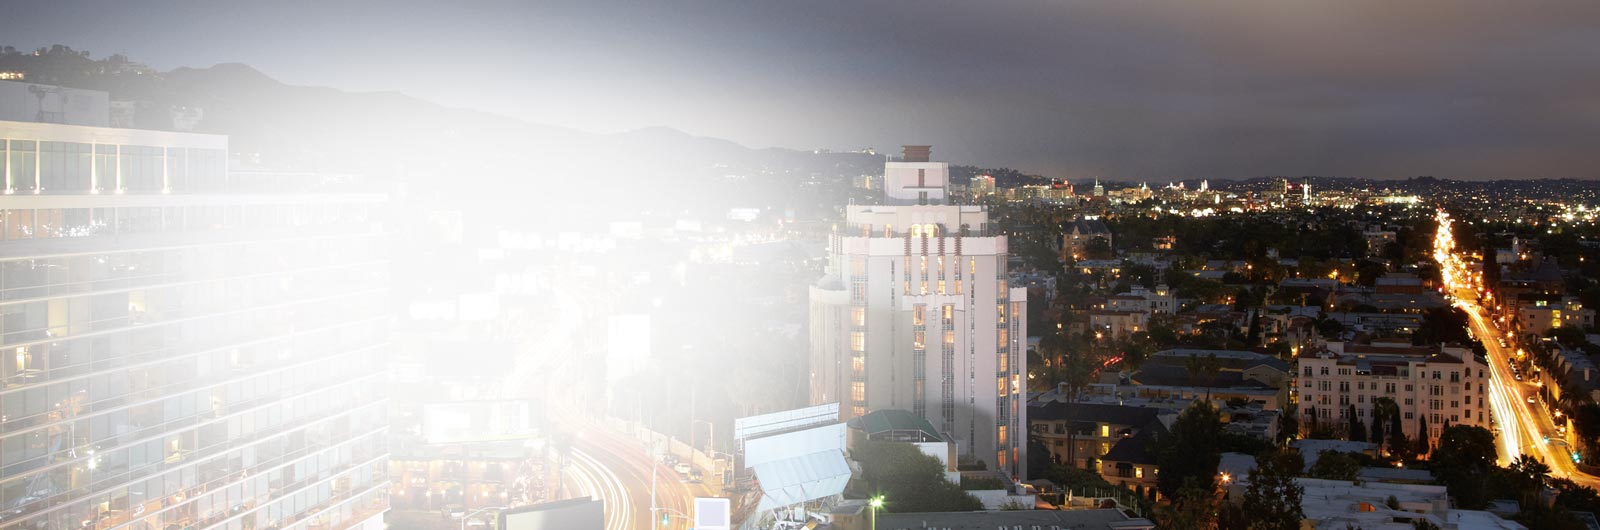 Una imagen nocturna de una gran ciudad. Lea casos de clientes de Exchange de todo el mundo.